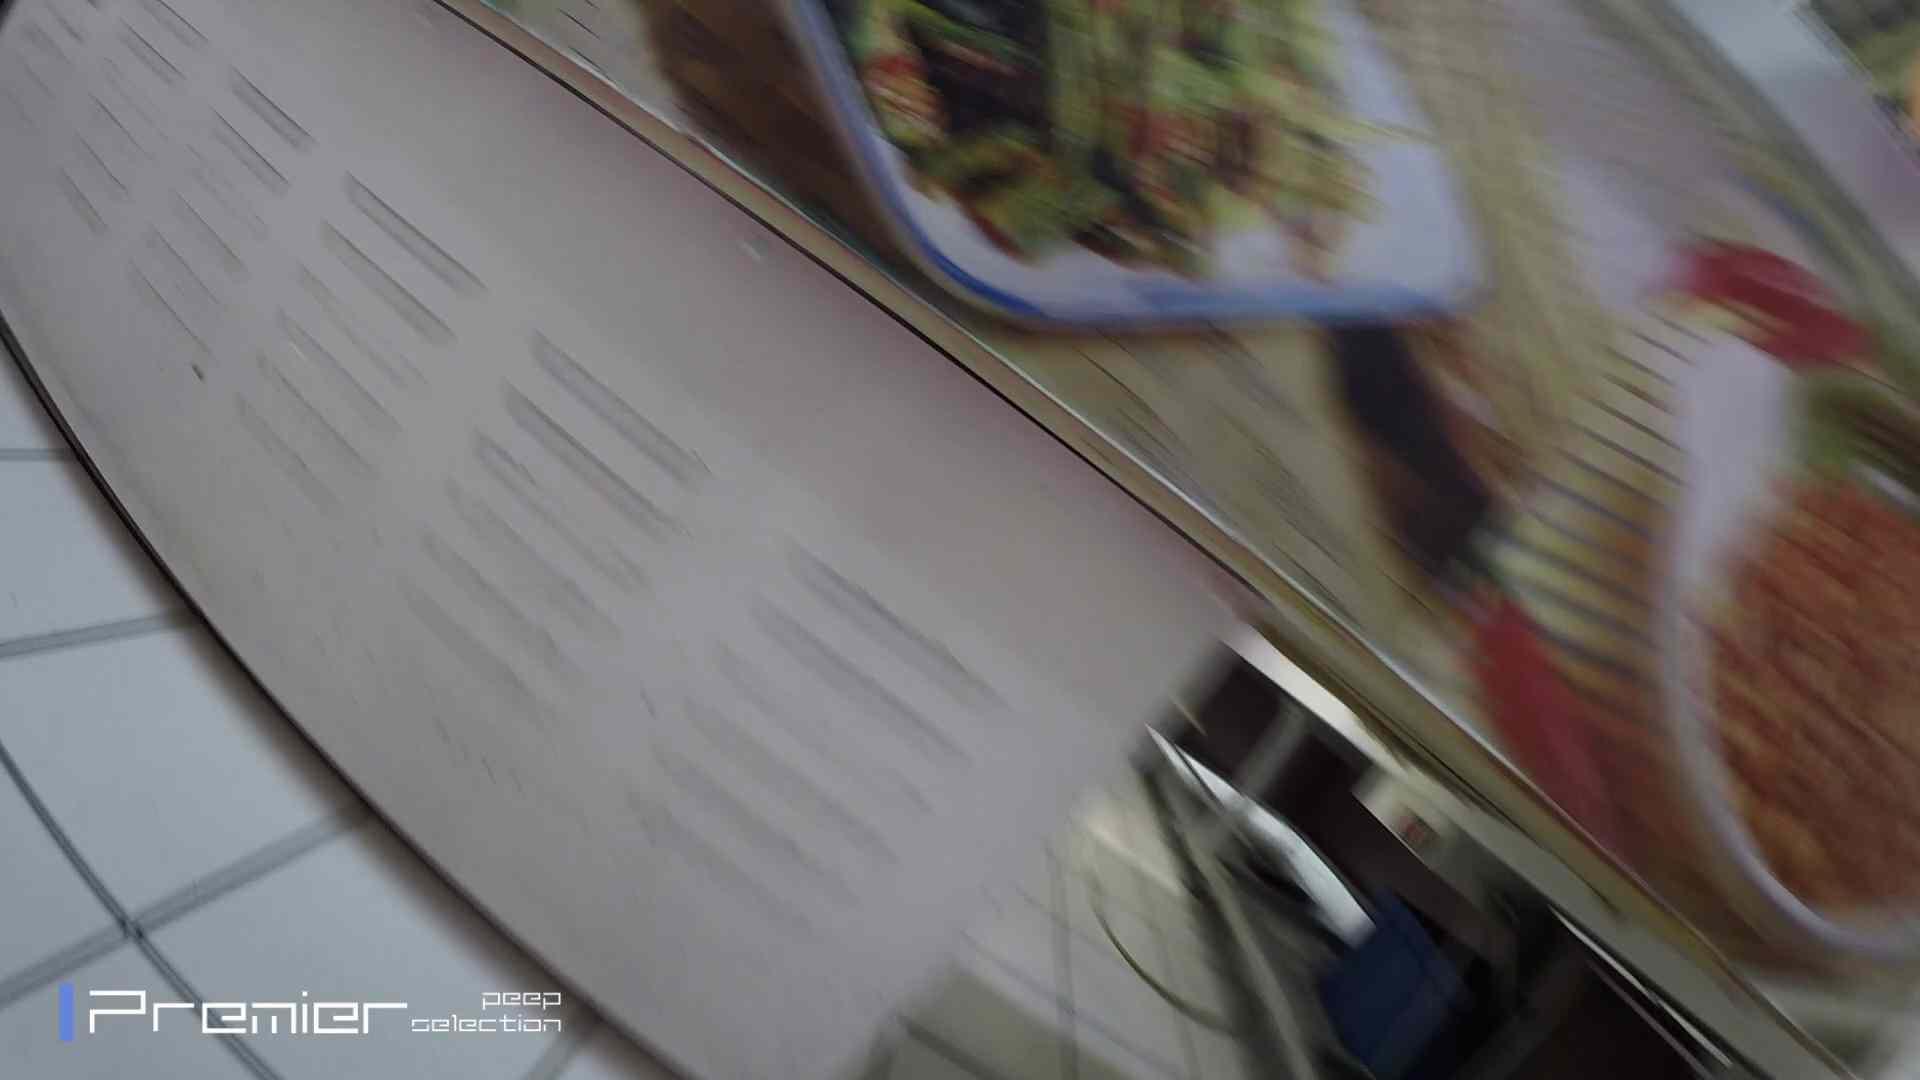 お嬢様風の乙女 食い込む黒パン 美女の下半身を粘着撮り! Vol.02 乙女だって。。。 おまんこ無修正動画無料 94画像 33